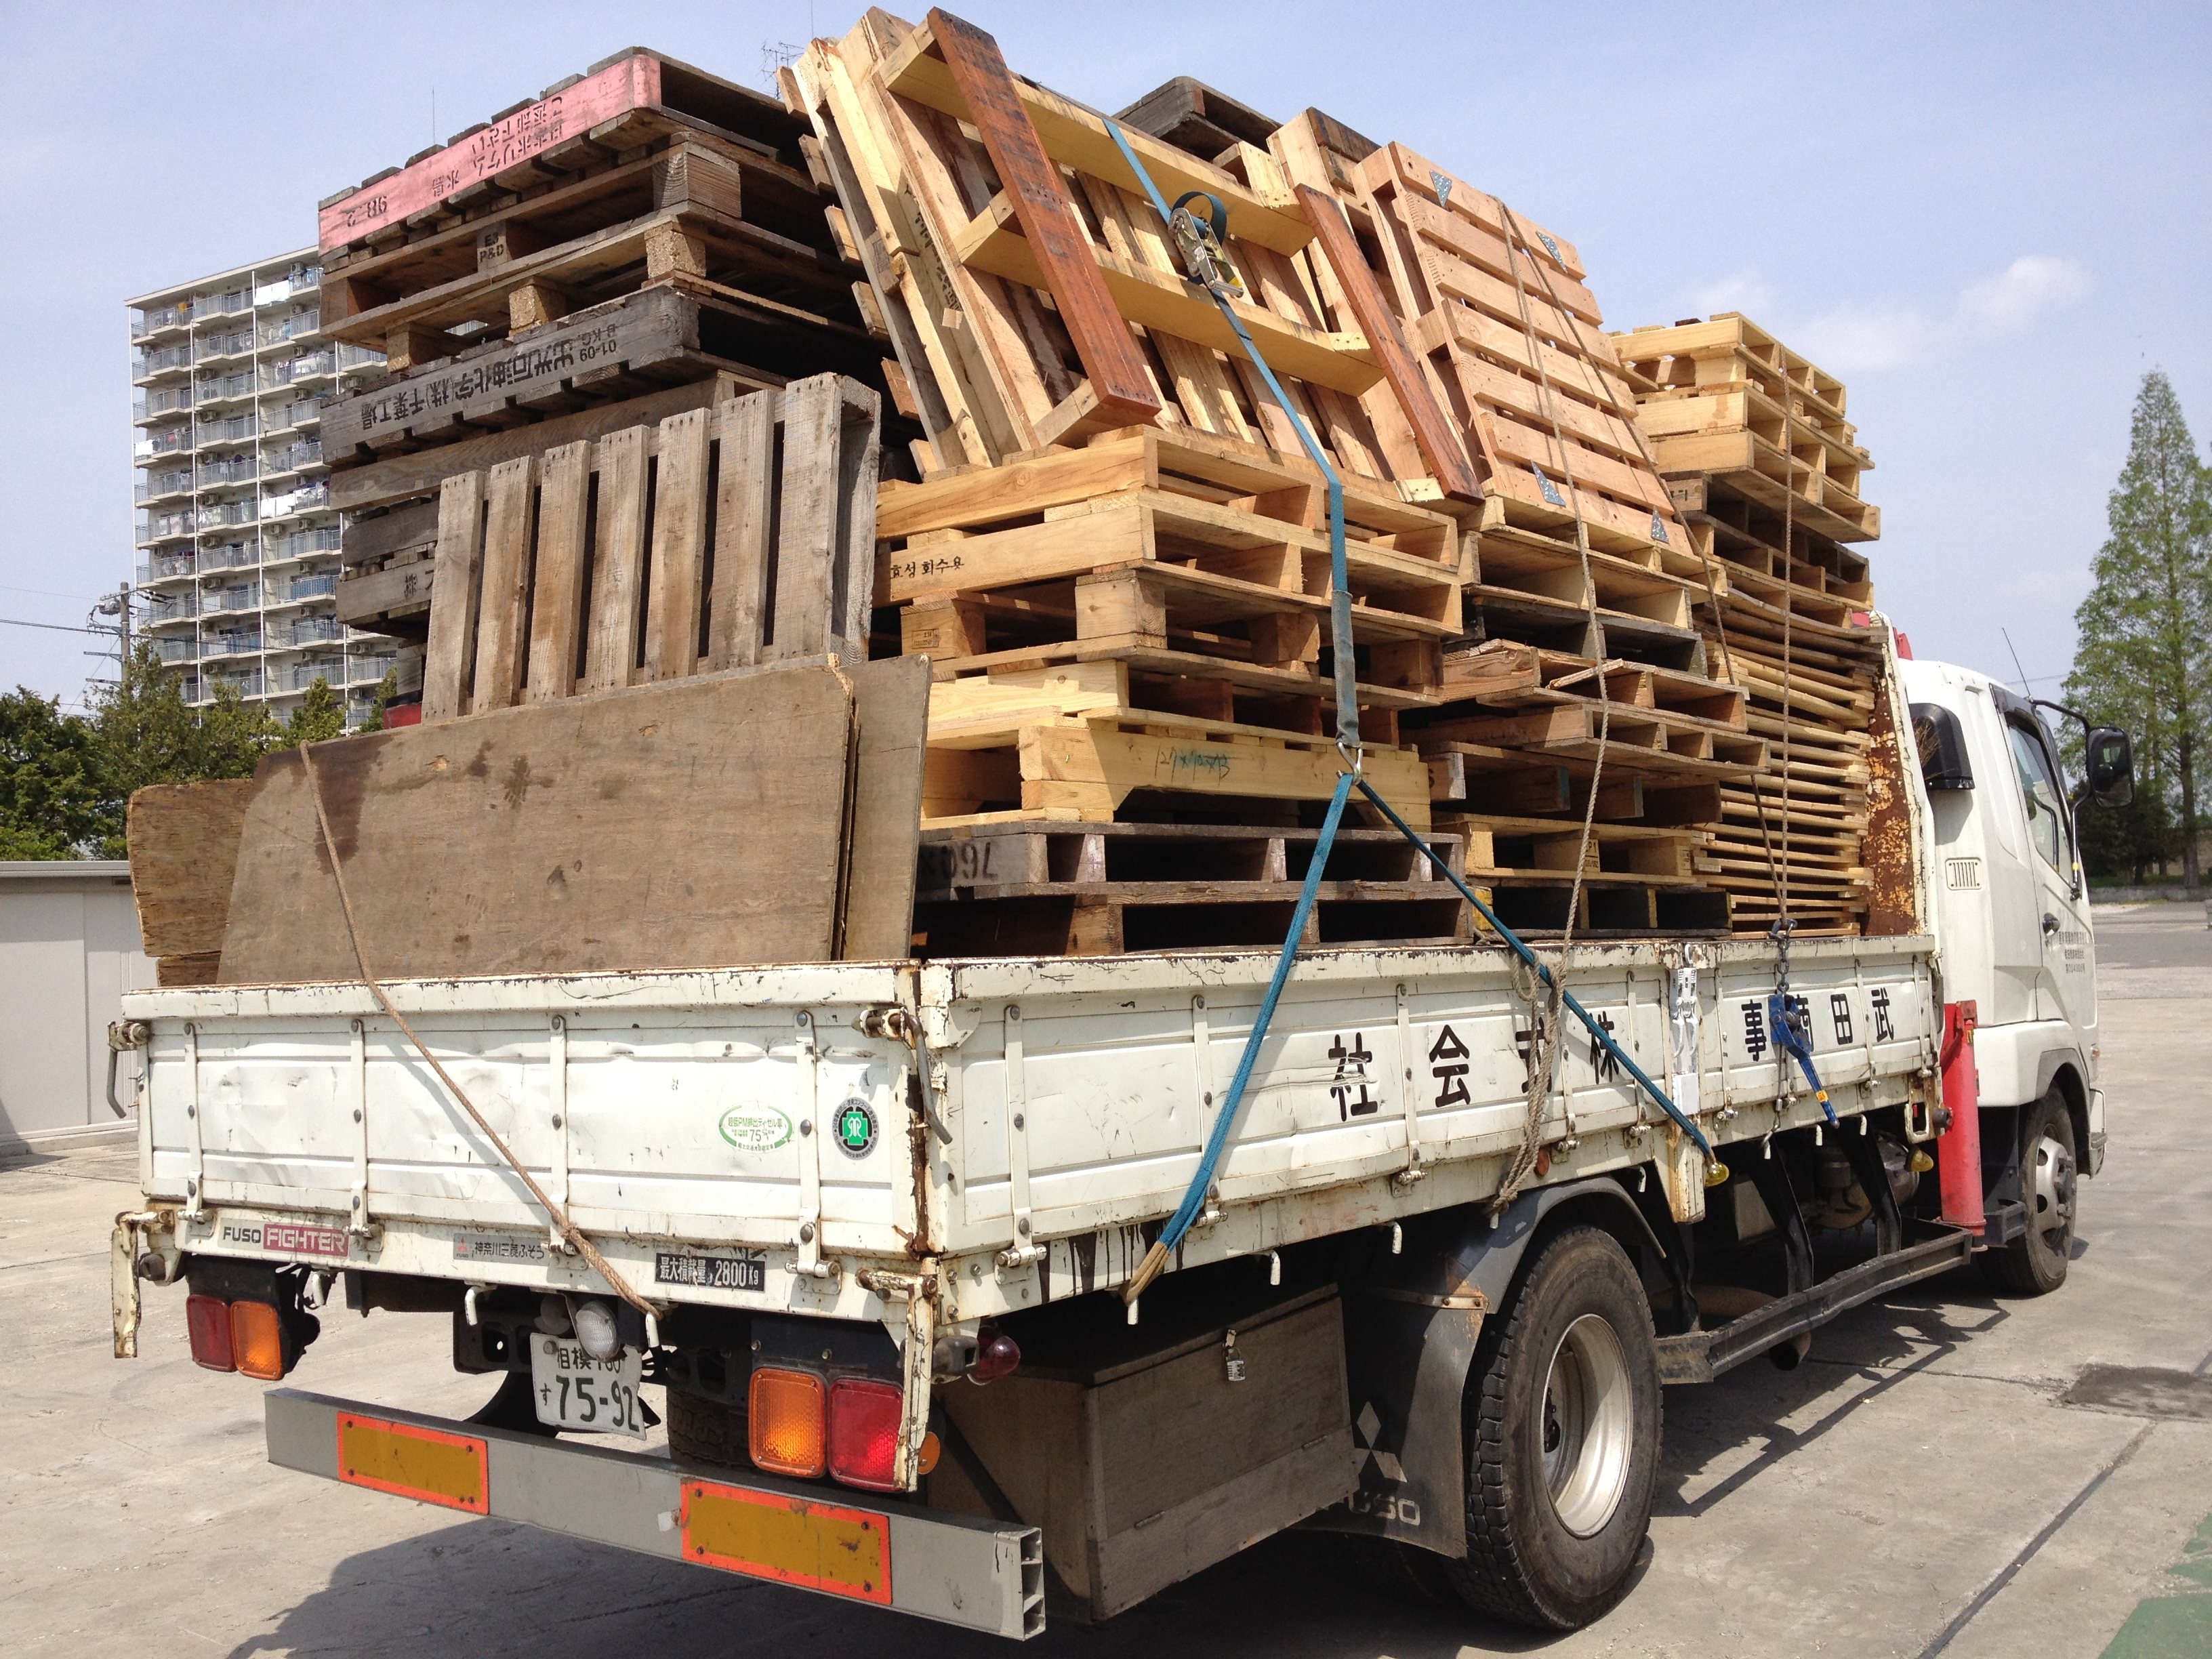 産業廃棄物や産廃の木パレットを破砕処理しチップとしてリサイクル・再利用します。木くずの処分はお任せください1